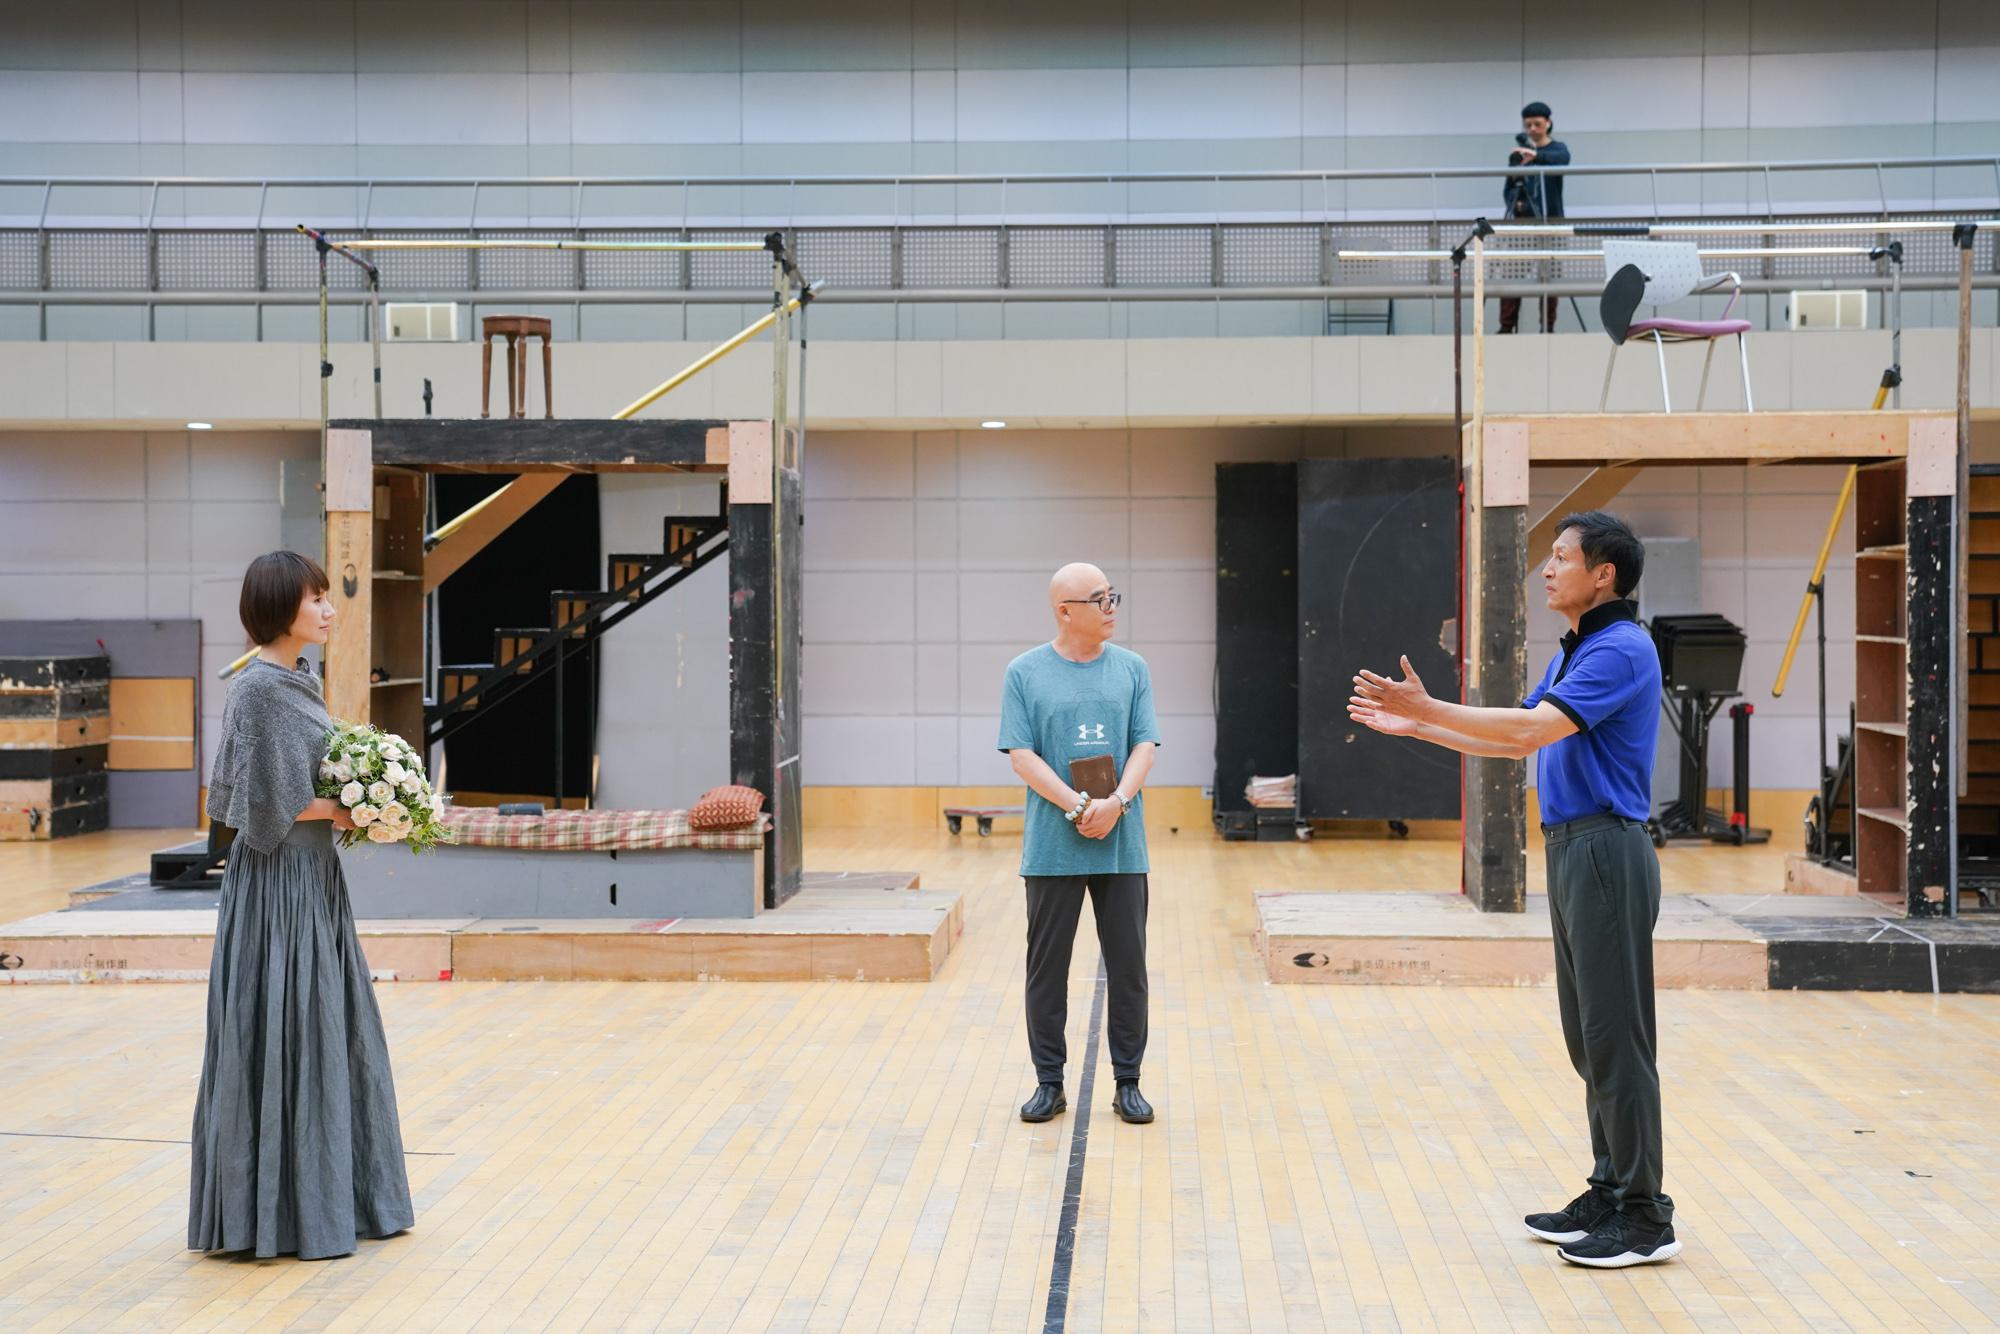 国家大剧院制作话剧《简•爱》十周年纪念演出 袁泉、王洛勇十年搭档默契依旧